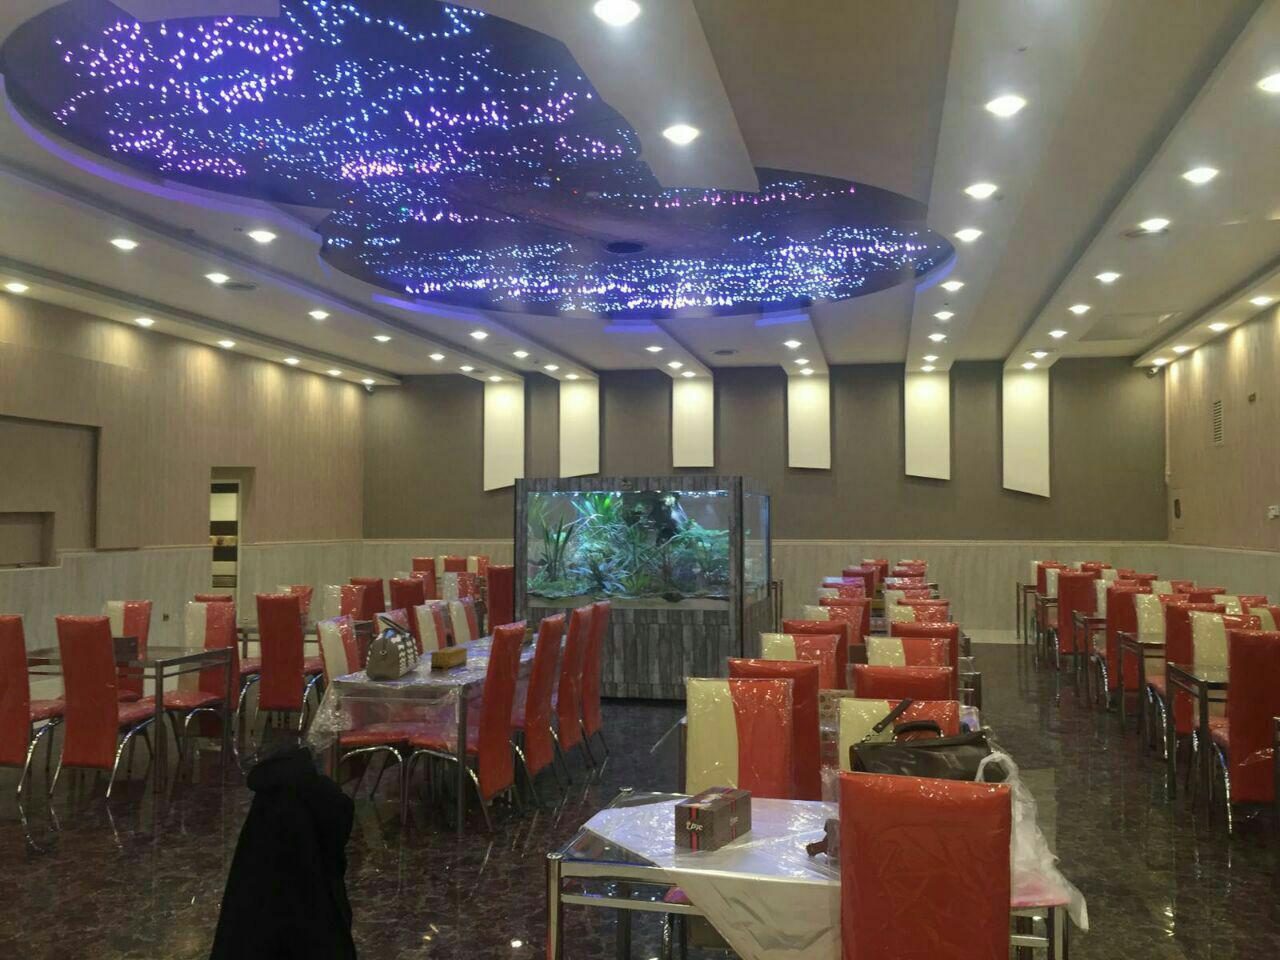 افتتاح شعبه جدید فست فود دکتر بی در مشهد